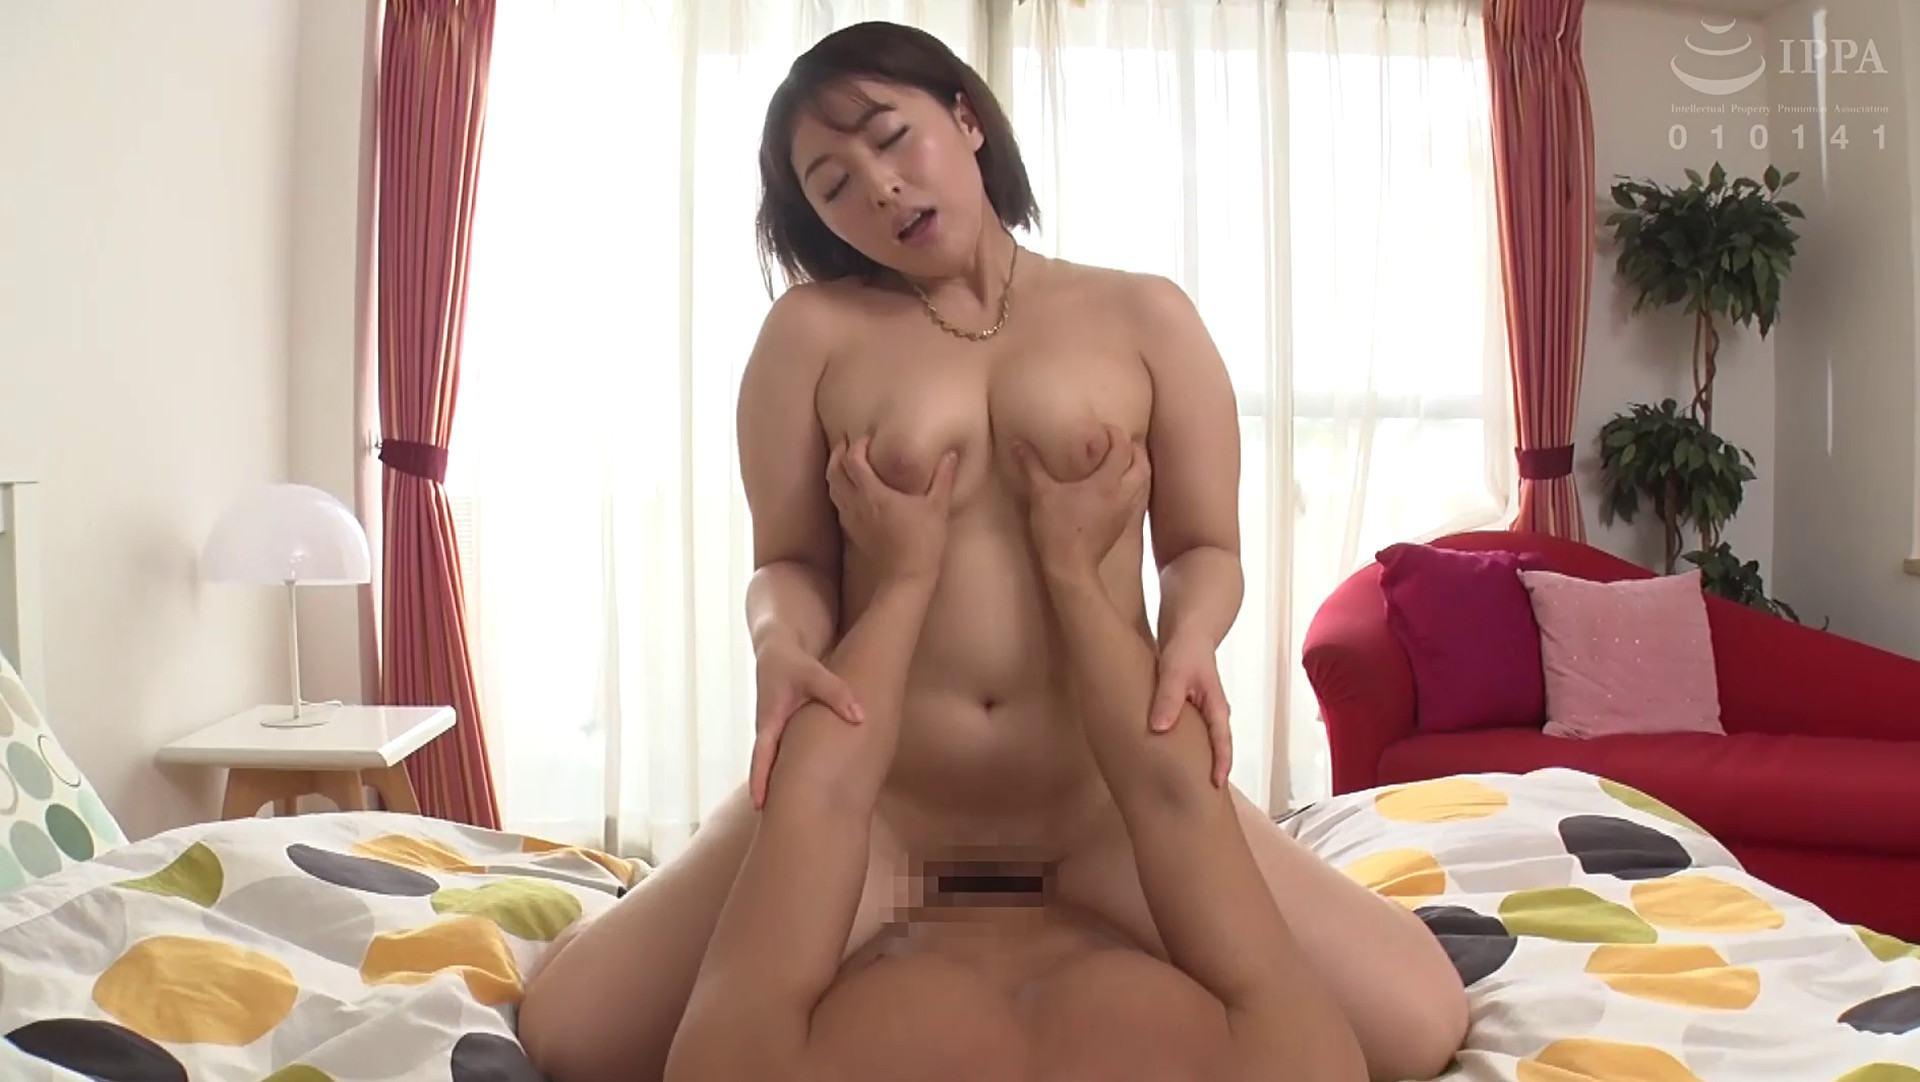 人気AV女優の篠崎かんなちゃんがオッパイを鷲掴みされながら騎乗位でSEXをしている画像